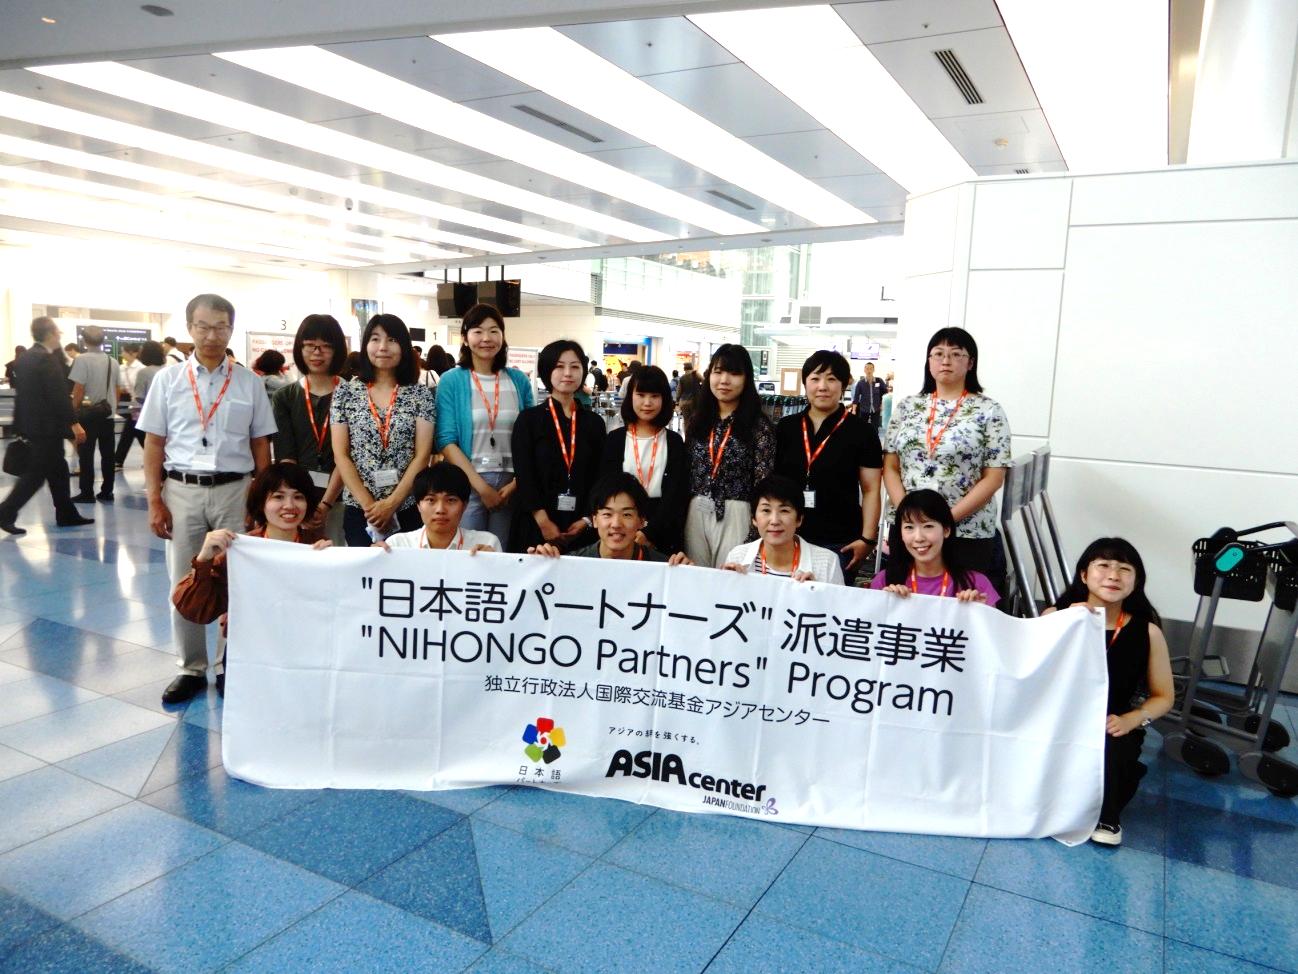 アジア 基金 国際 センター 交流